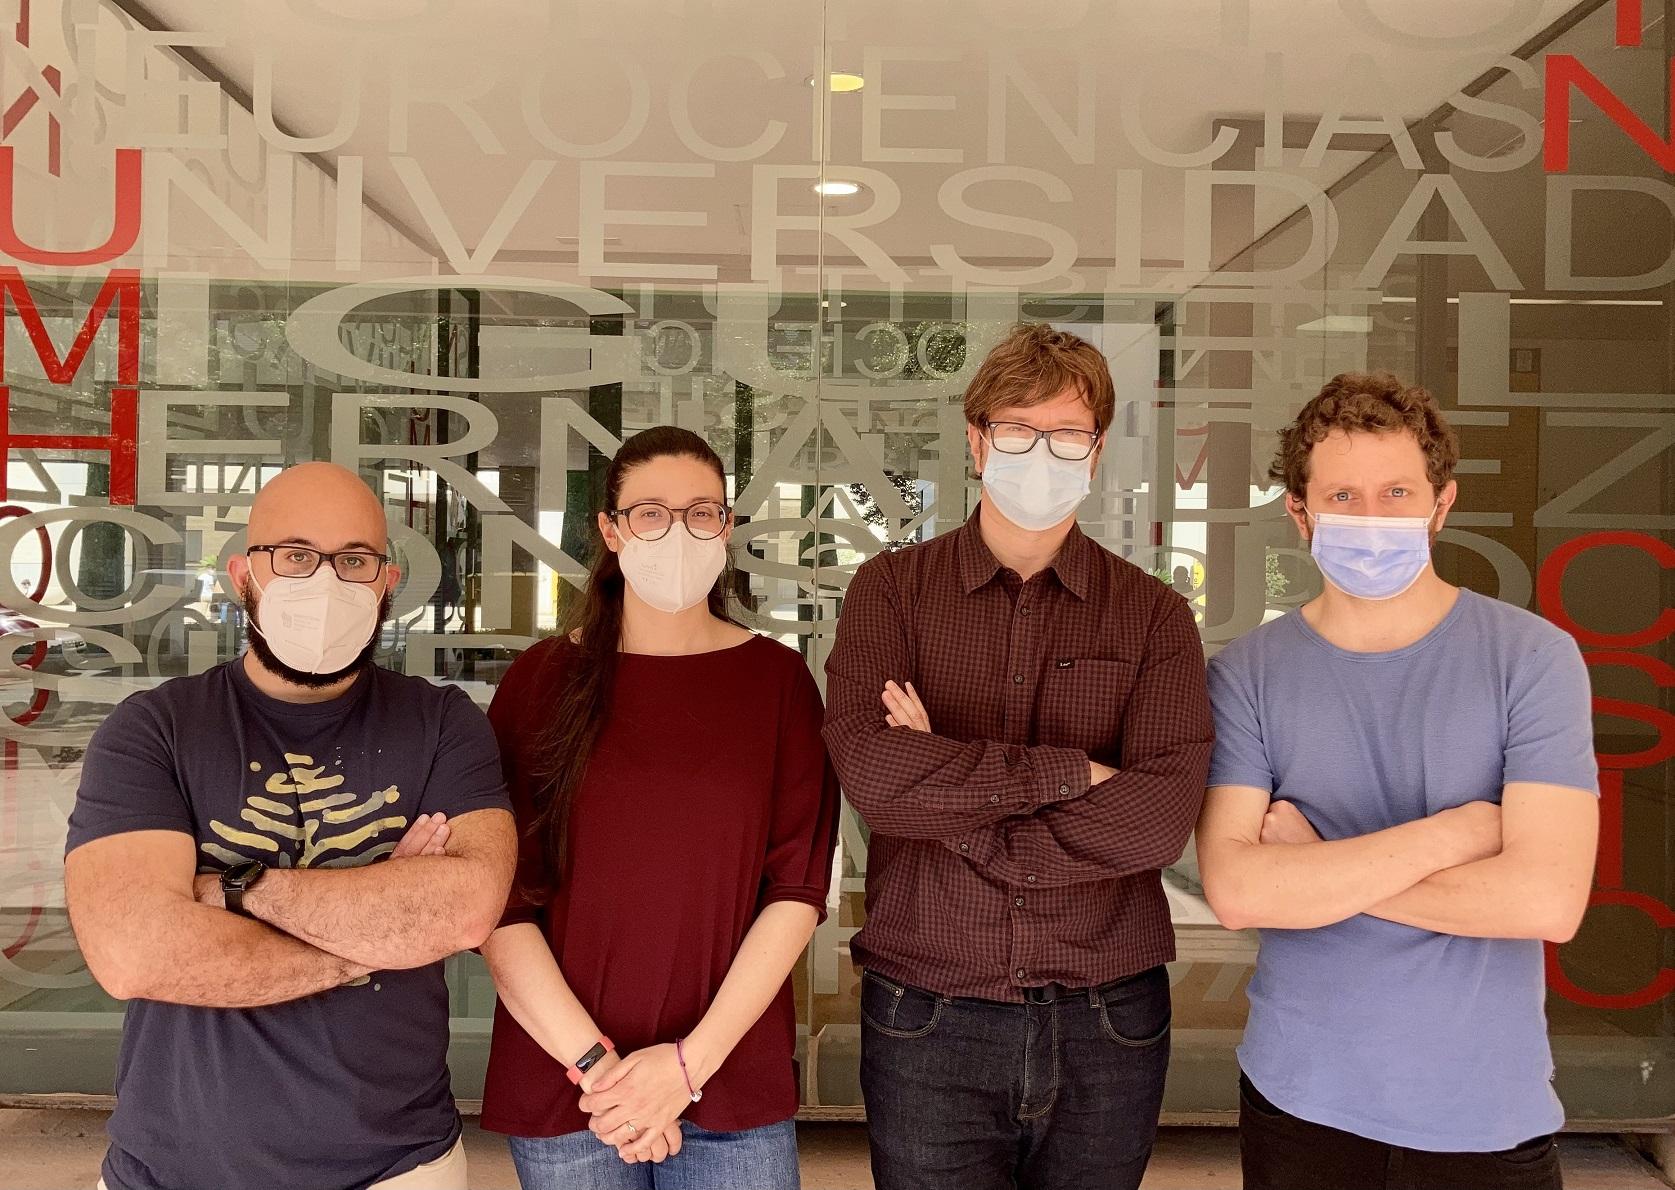 Javier Alegre, María Sáez, Ramón Reig y Roberto Montanari, investigadores del Instituto de NeurocienciaS